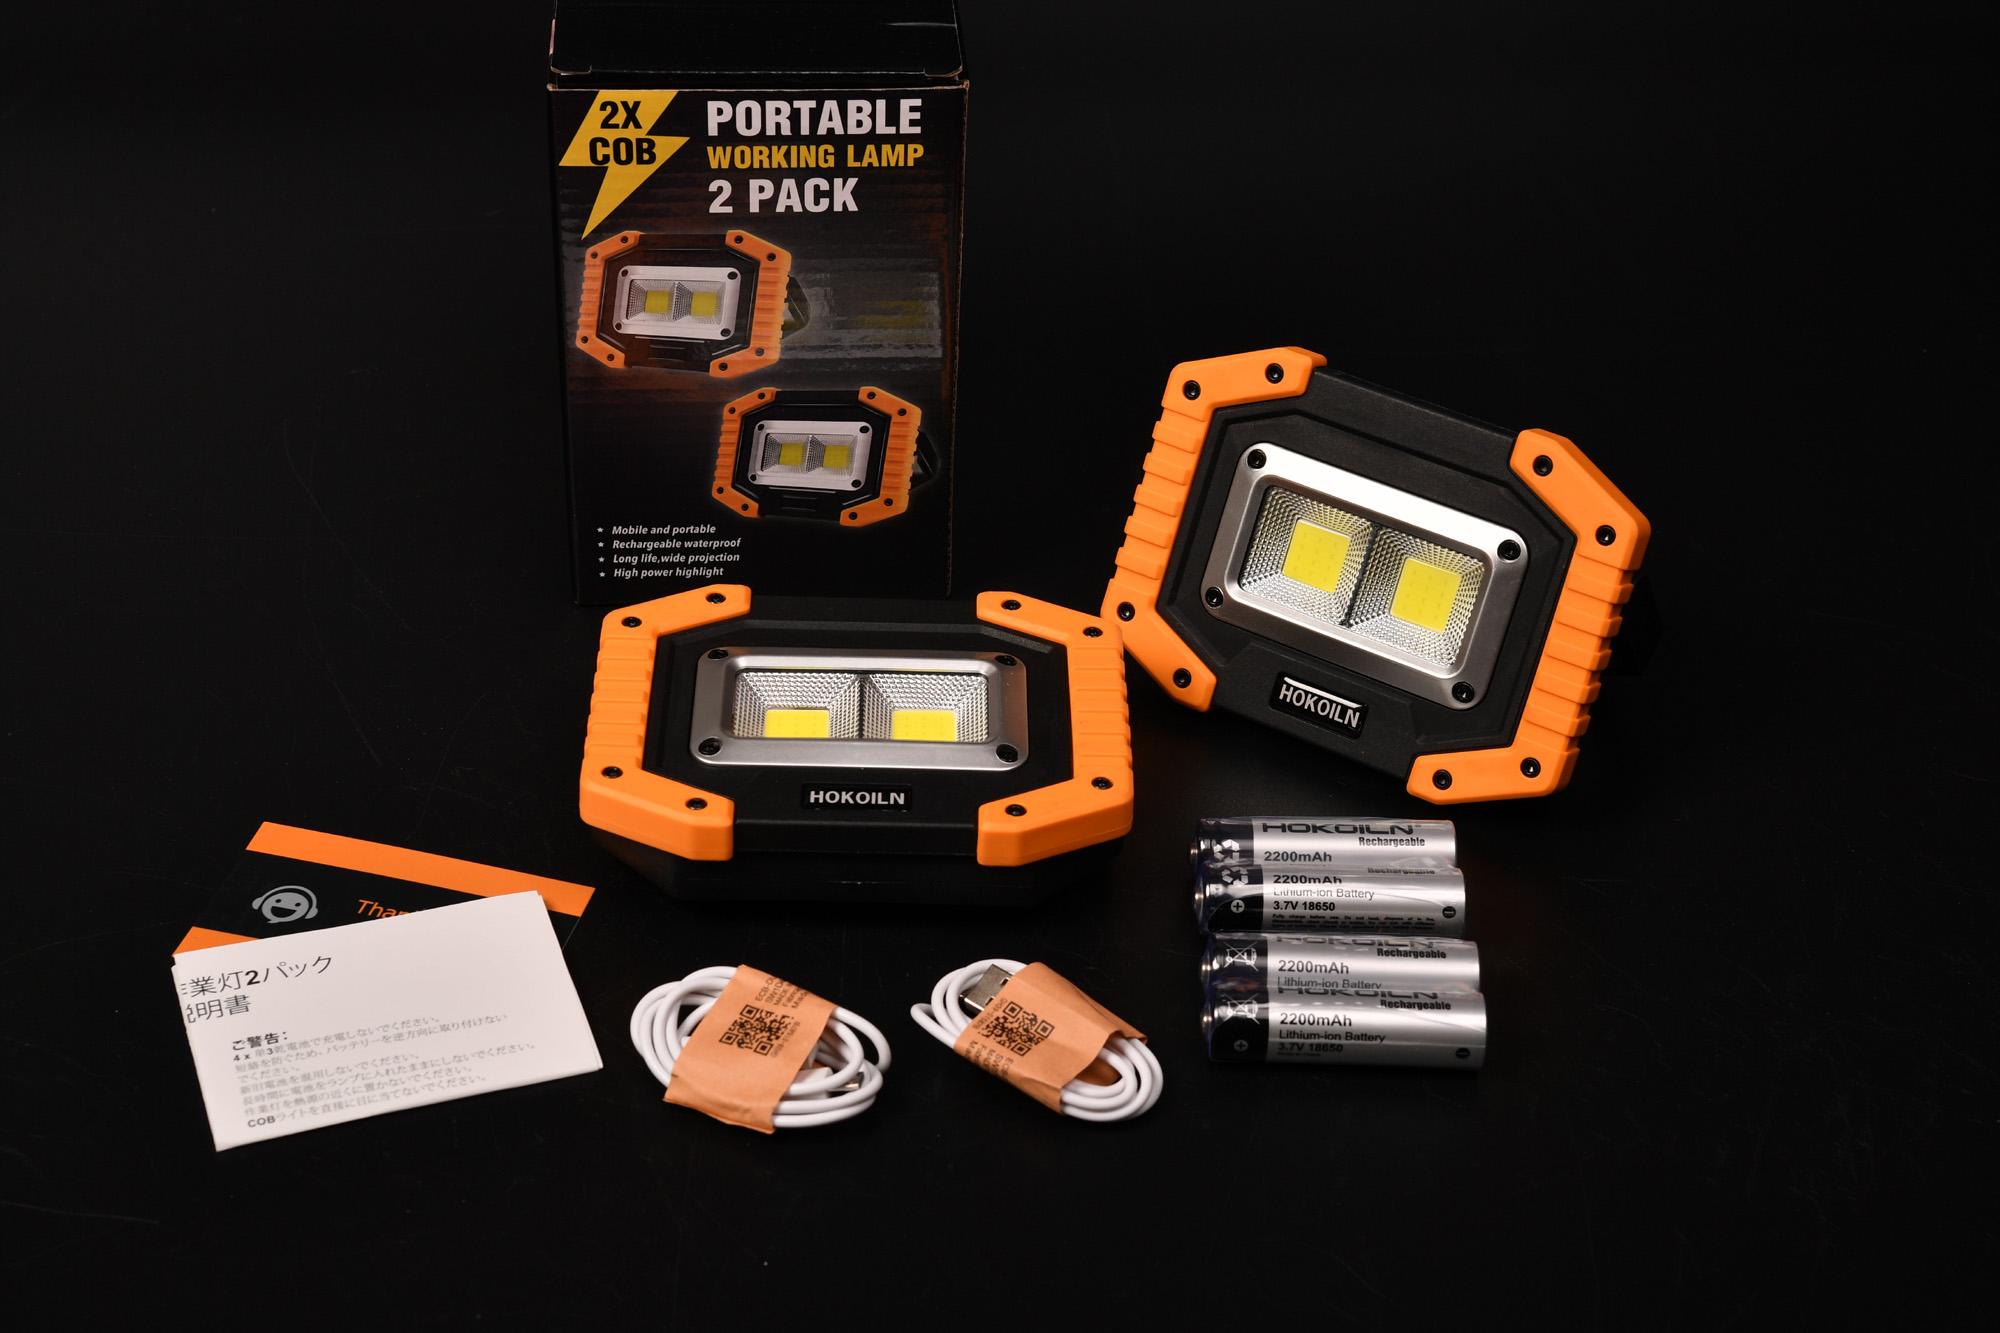 お買い得LED投光器を買ってみました。 LED投光器,2パックCOB 30W 1500LM